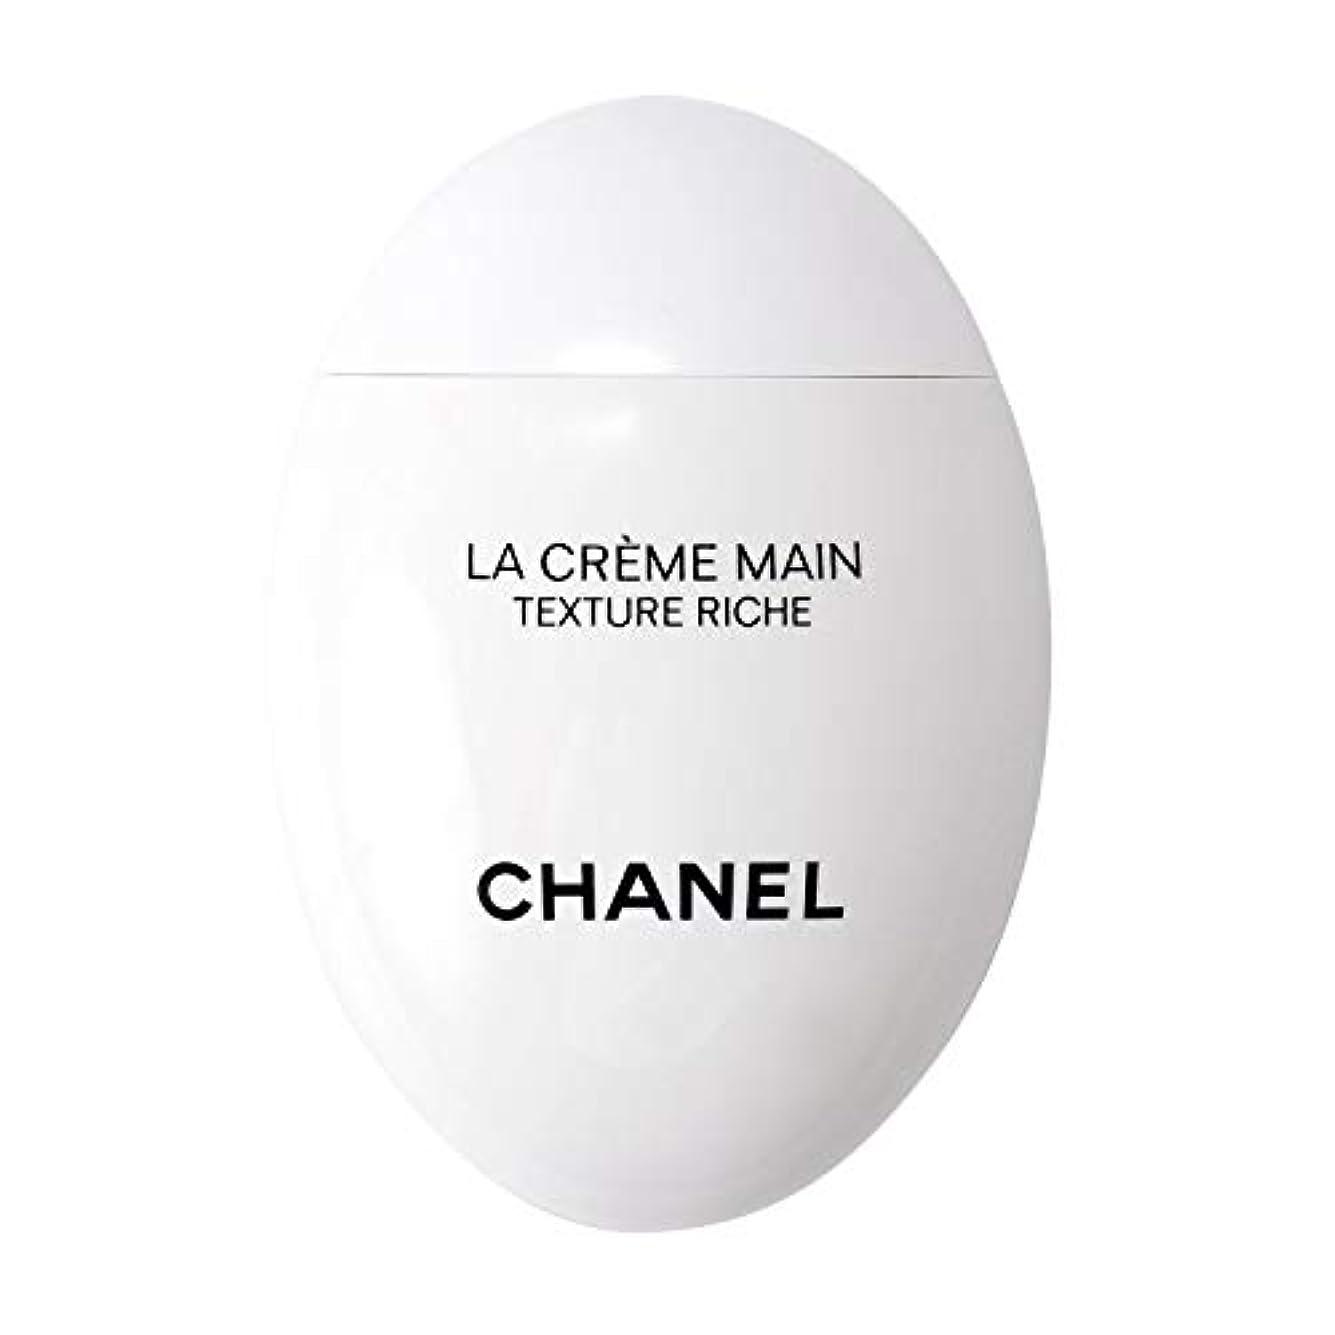 生命体不十分着る[ギフトラッピング] シャネル CHANEL ハンドクリーム 50ml ラ クレーム マン ショップバッグ付き (50ml)